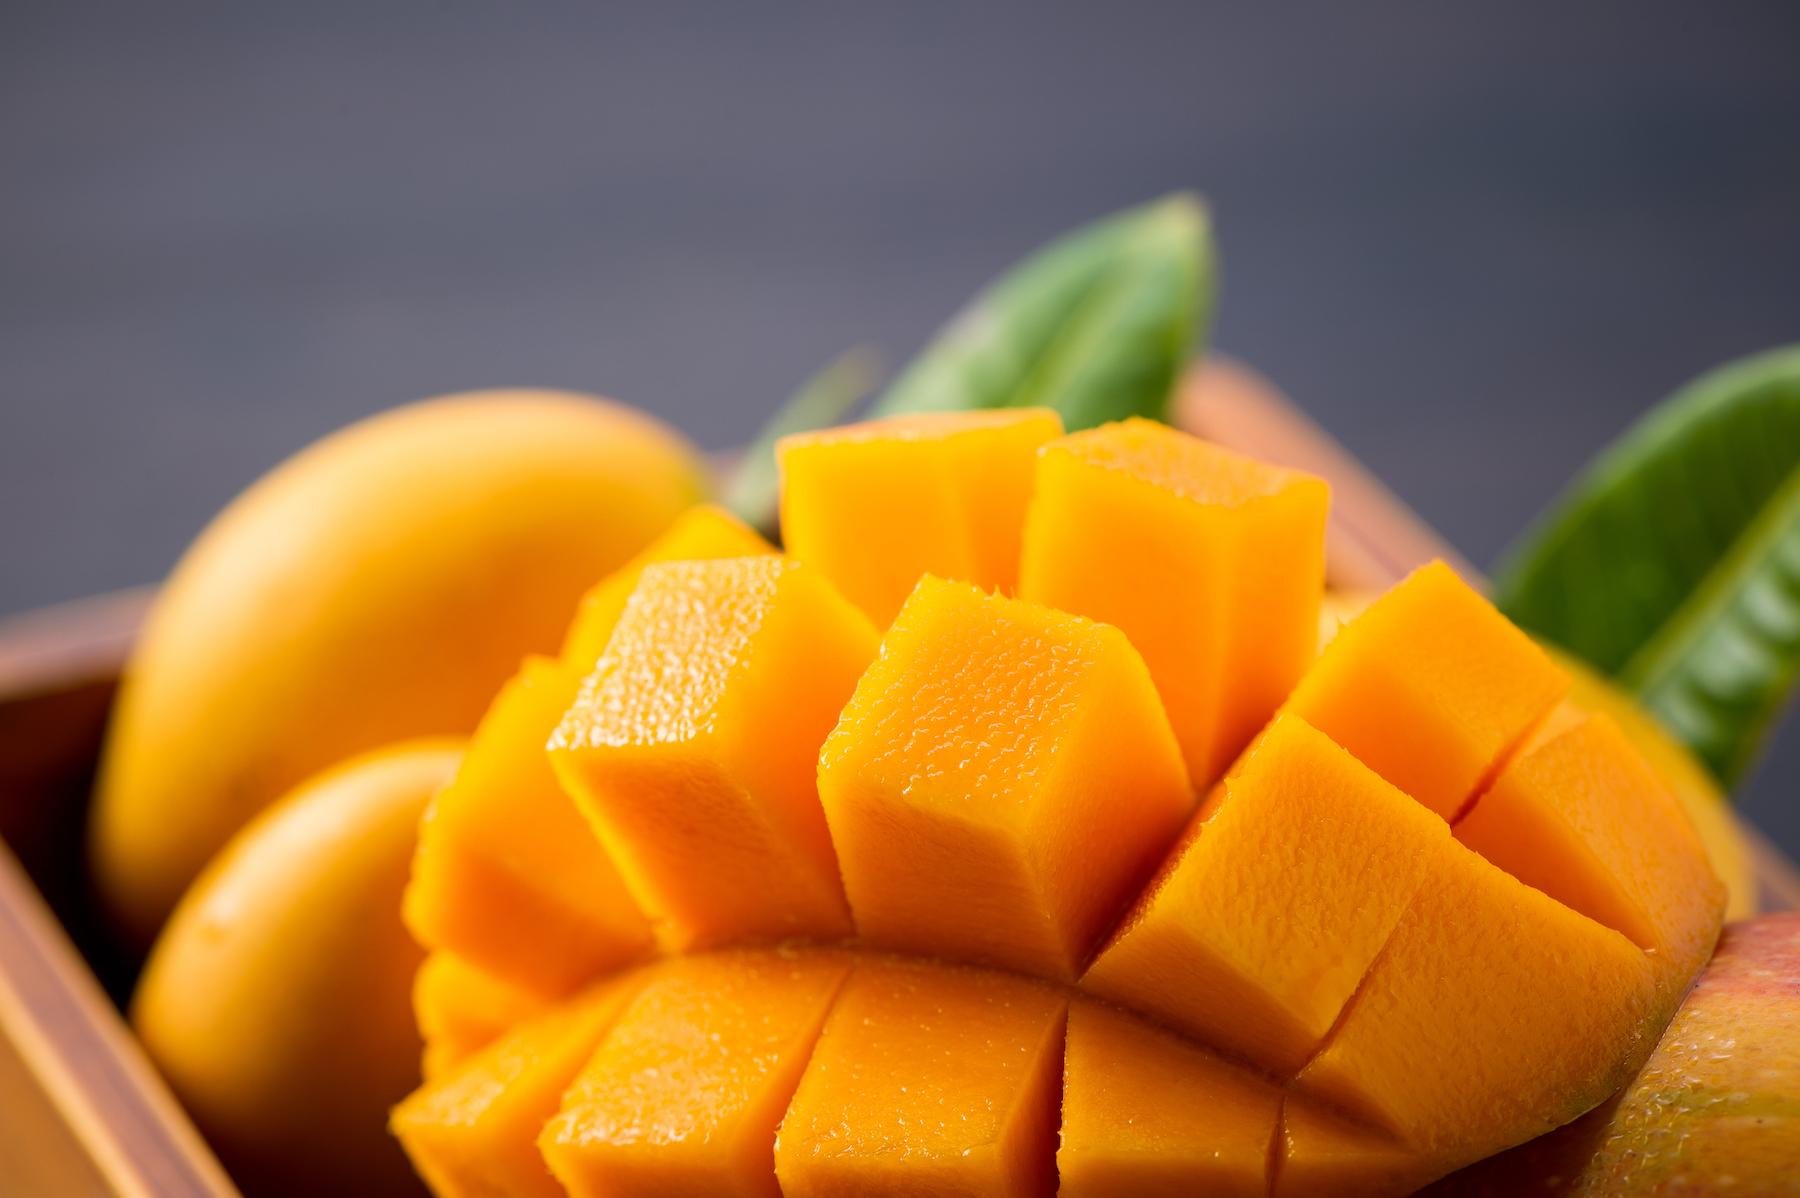 タイの真のフルーツ・キングはマンゴーだ!バンコク最上級の甘味で暑さも吹っ飛ぶ